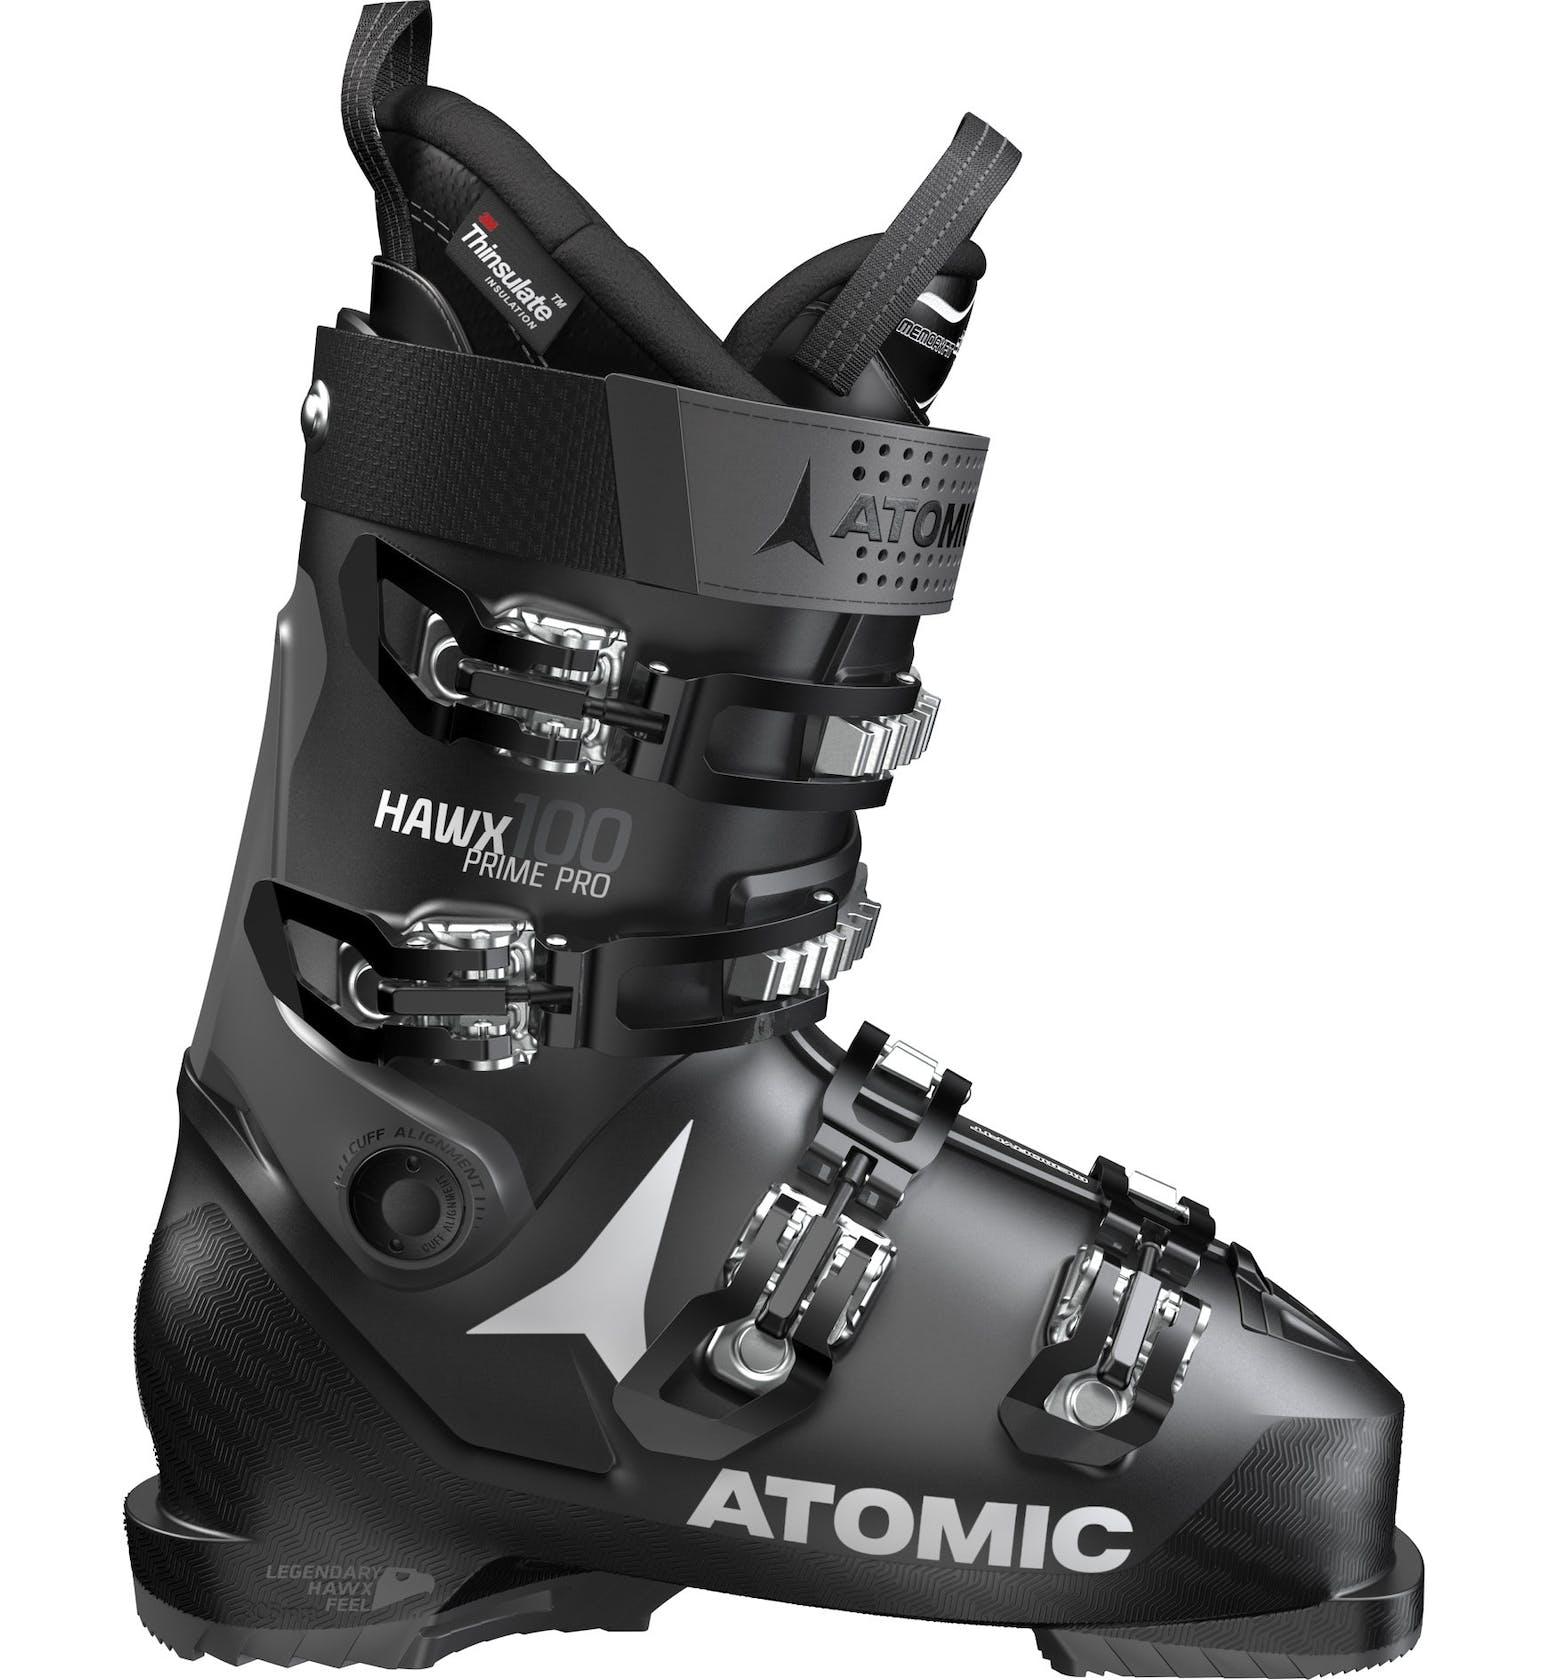 Atomic Hawx Prime Pro 100 - scarpone sci all-mountain